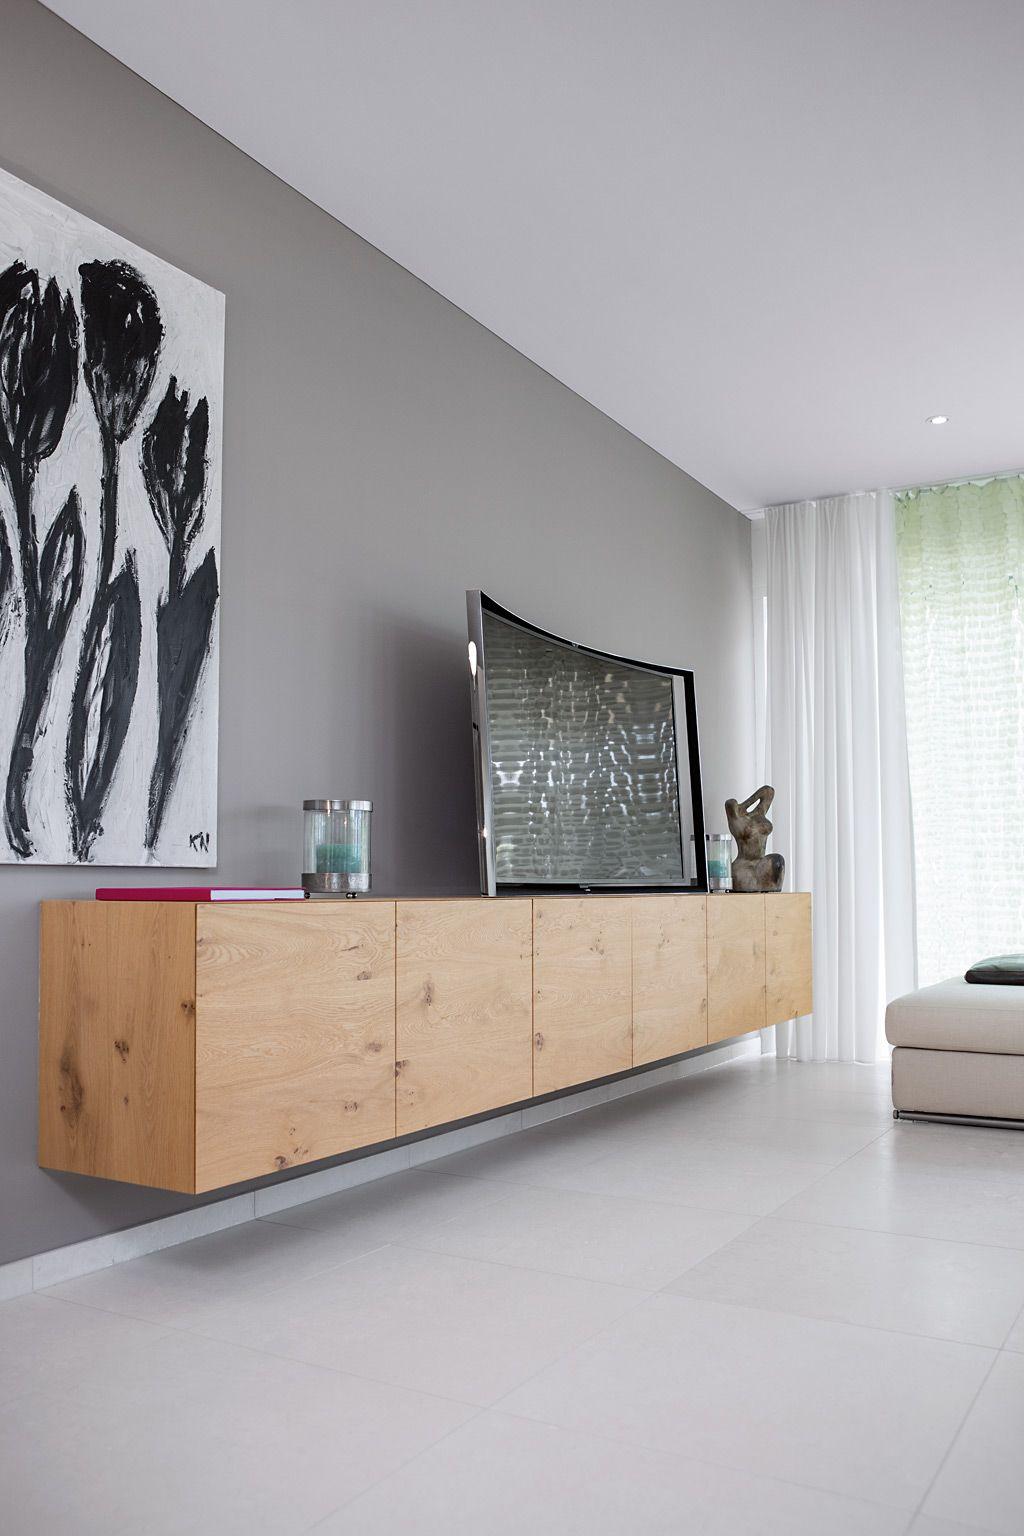 Tolles Sideboard aus Holz Wohnen, Einrichten und wohnen